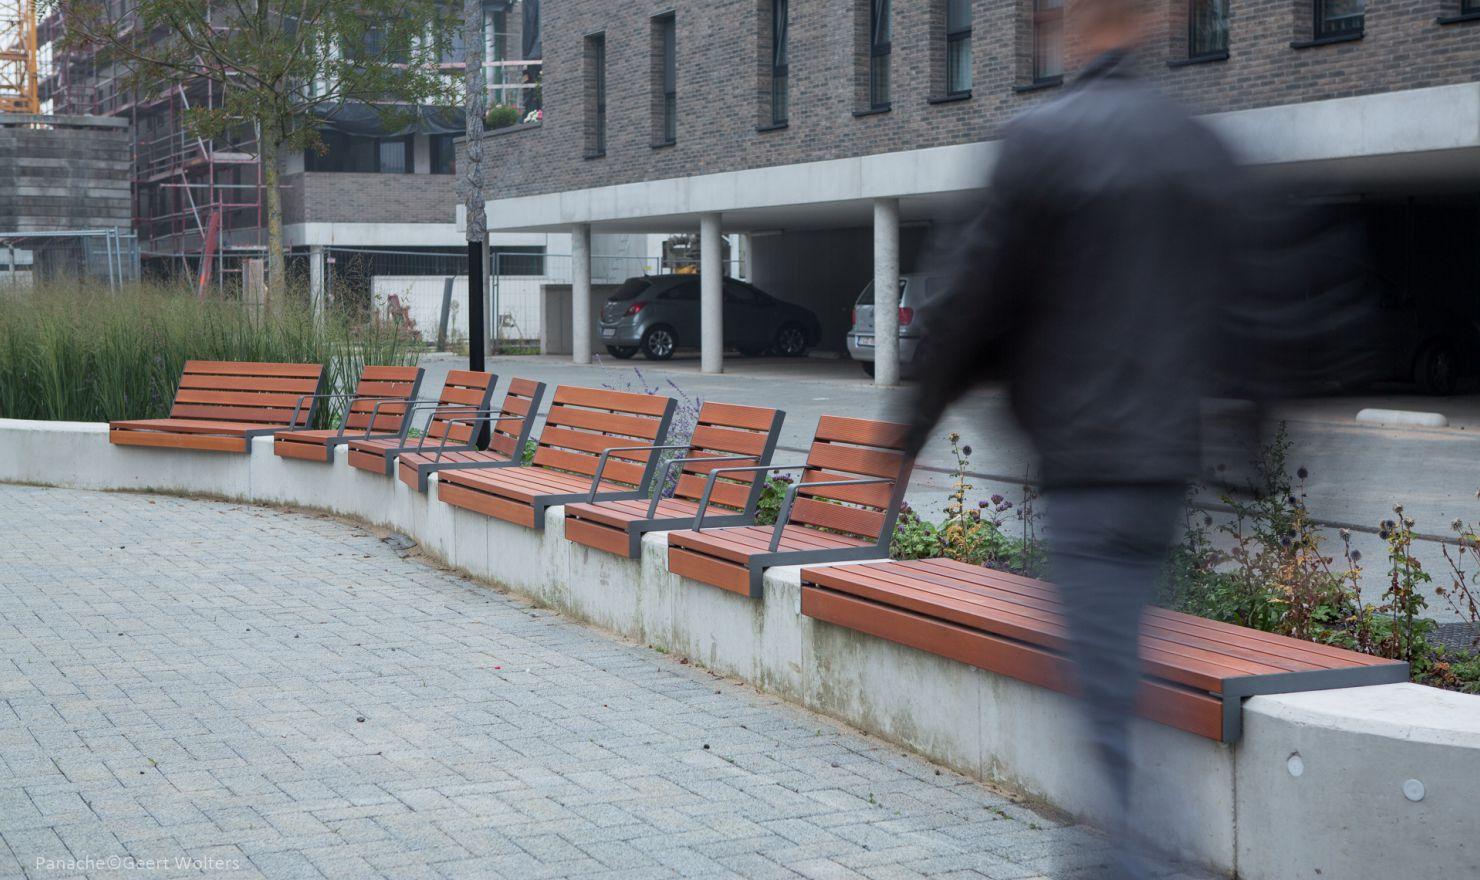 Hop Hop bank creëert veel zitgelegenheid in de buitenruimte